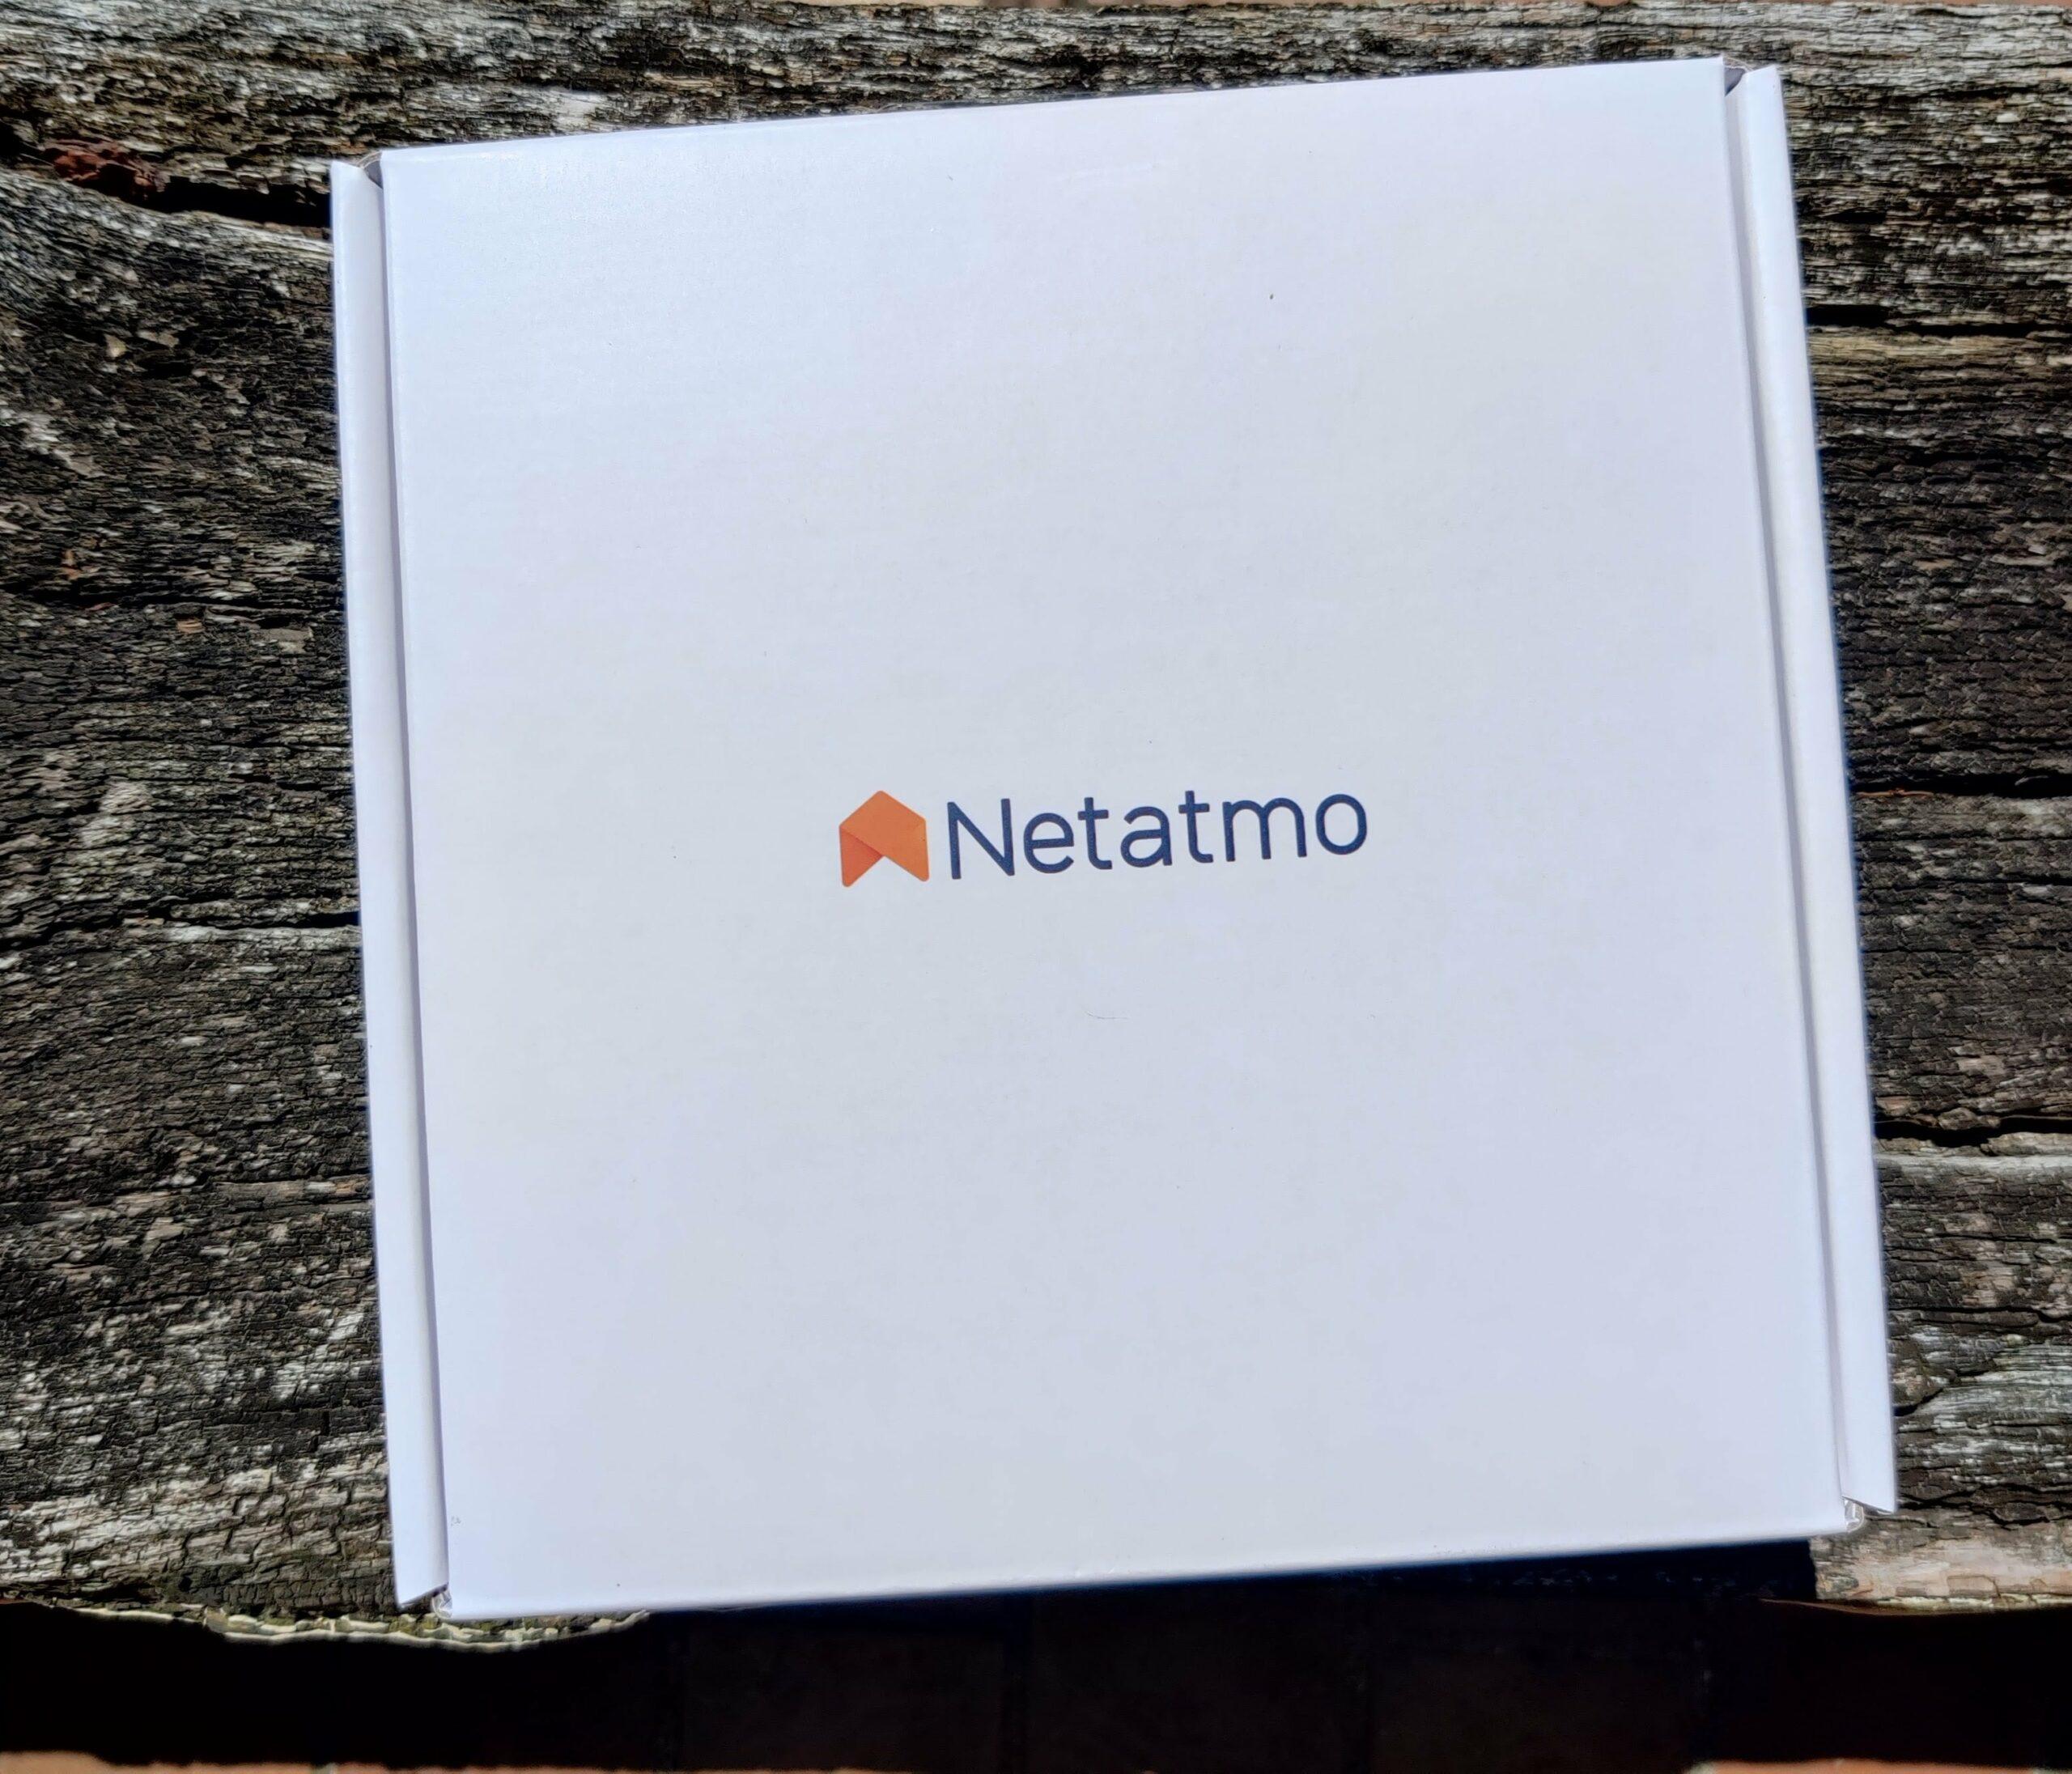 Netatmo capteurs ouverture